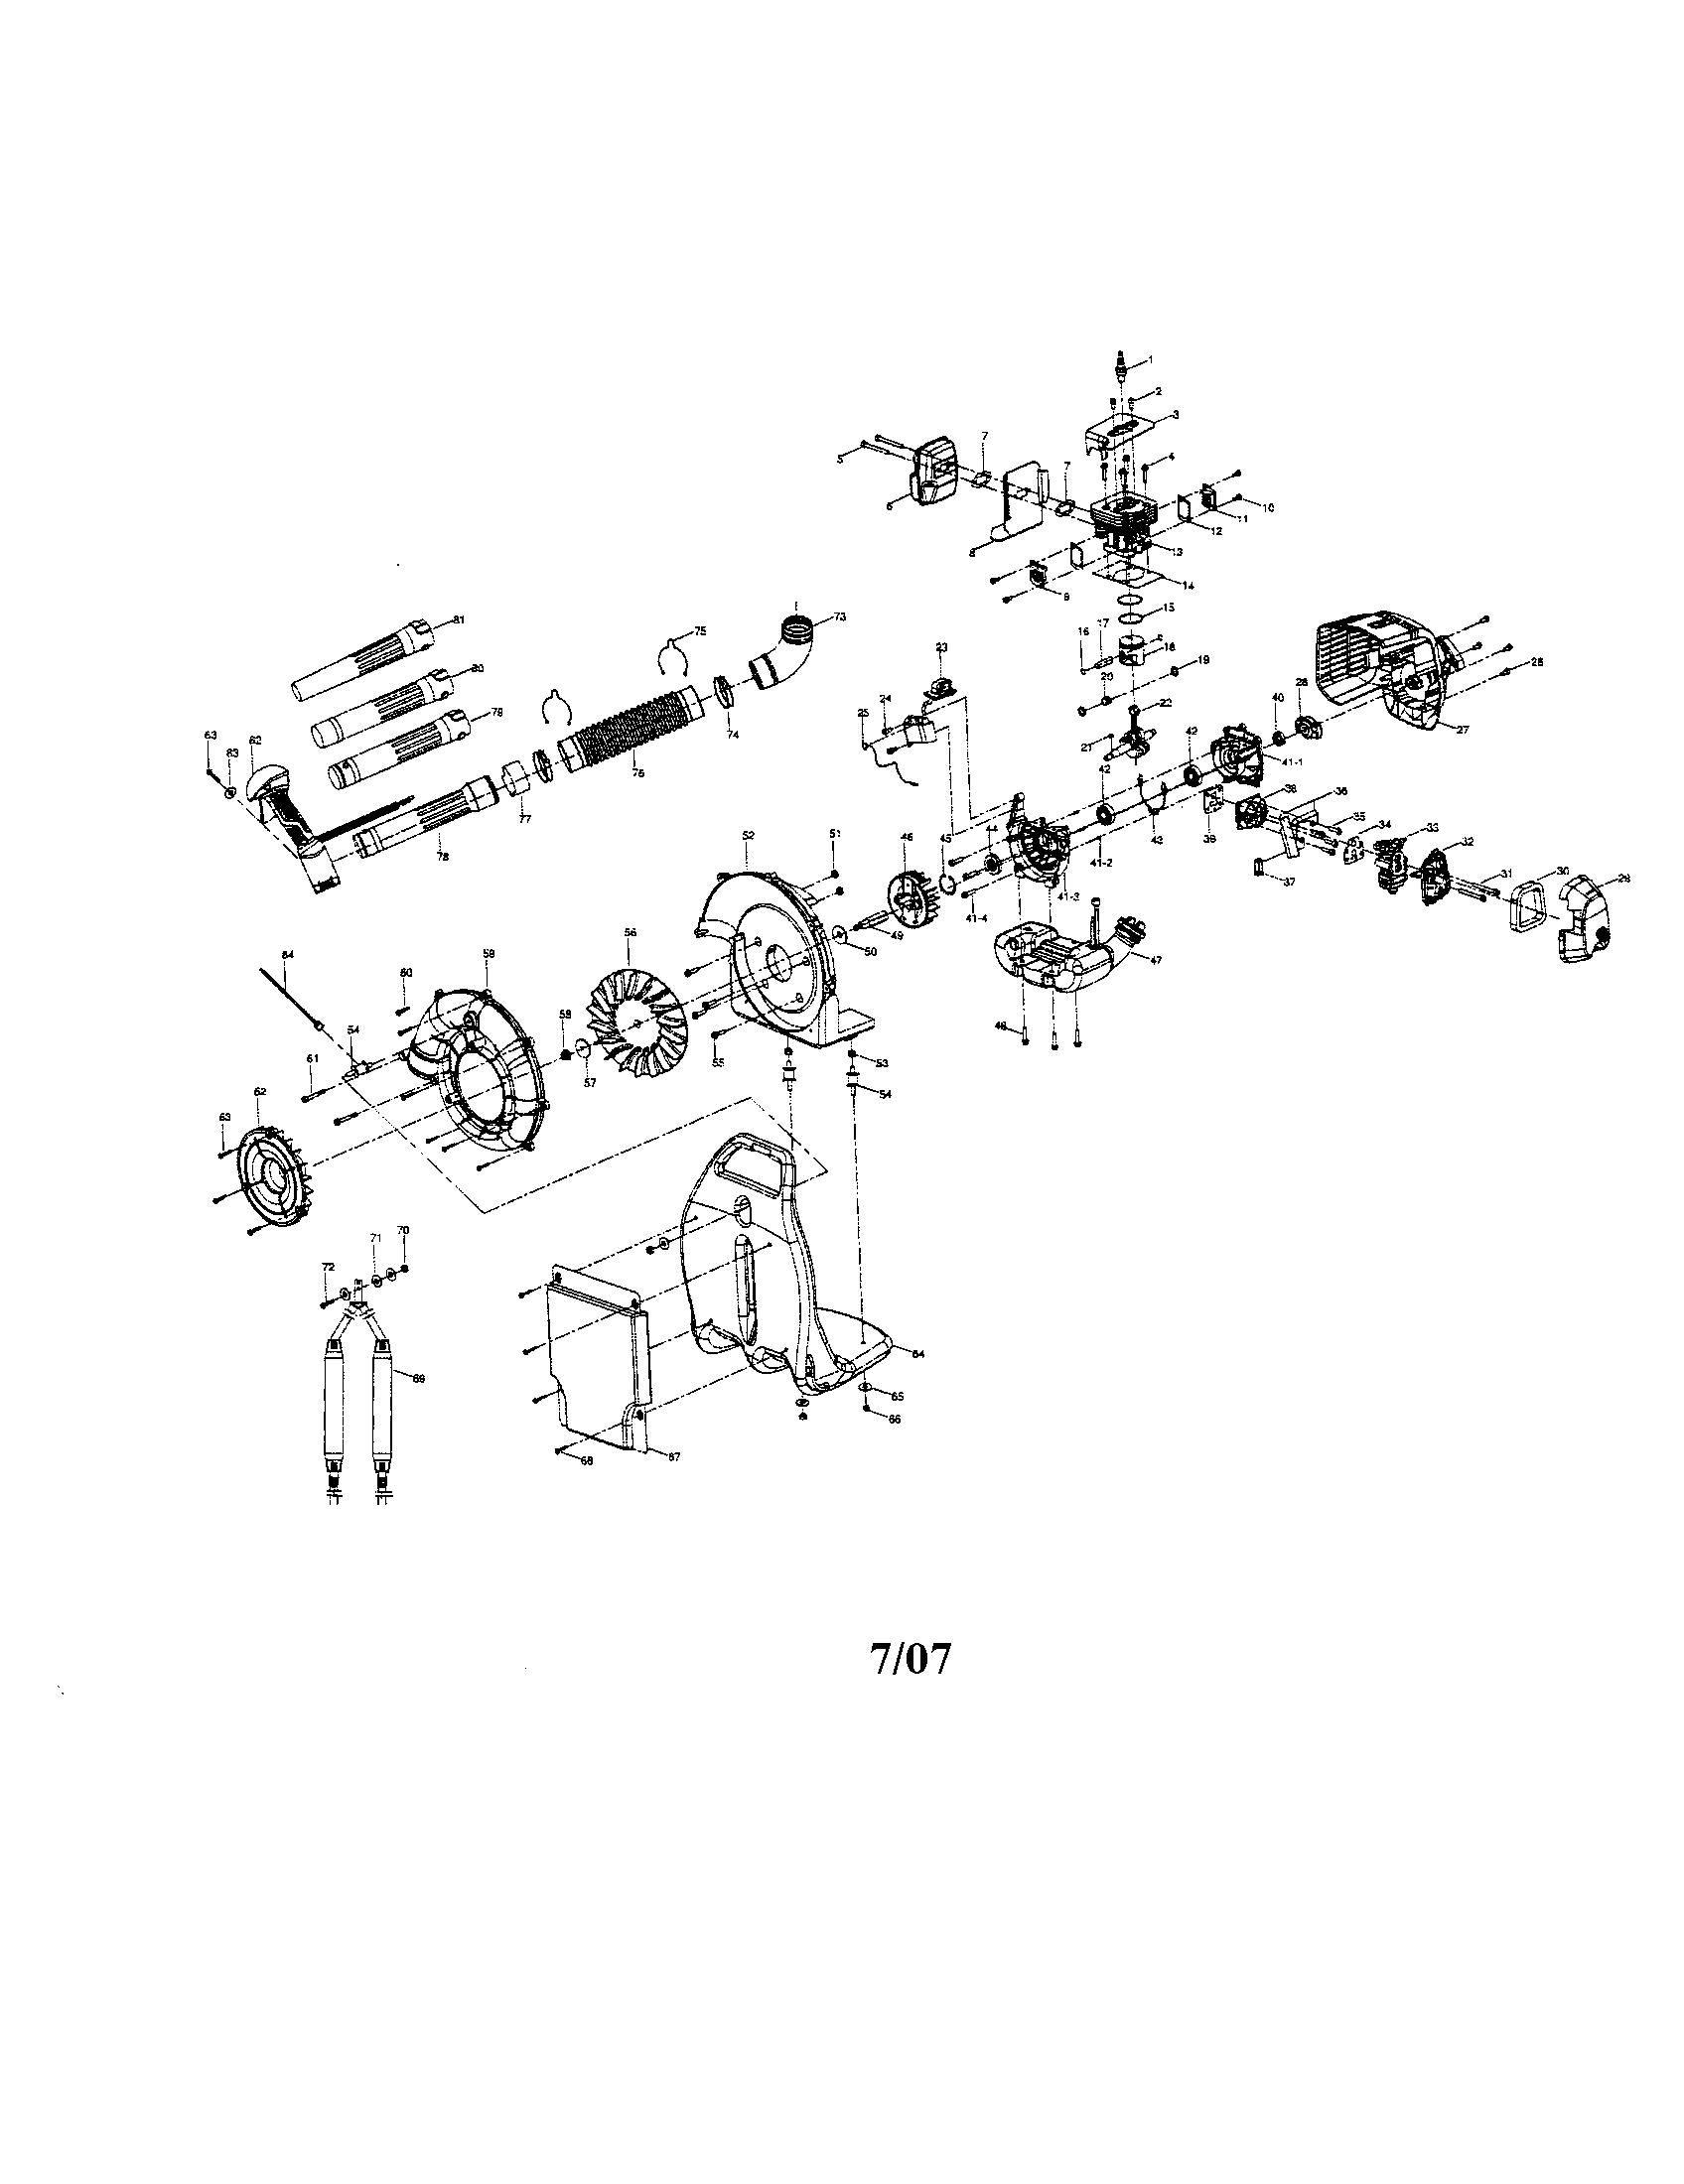 Craftsman model 316794990 blower, gas genuine parts